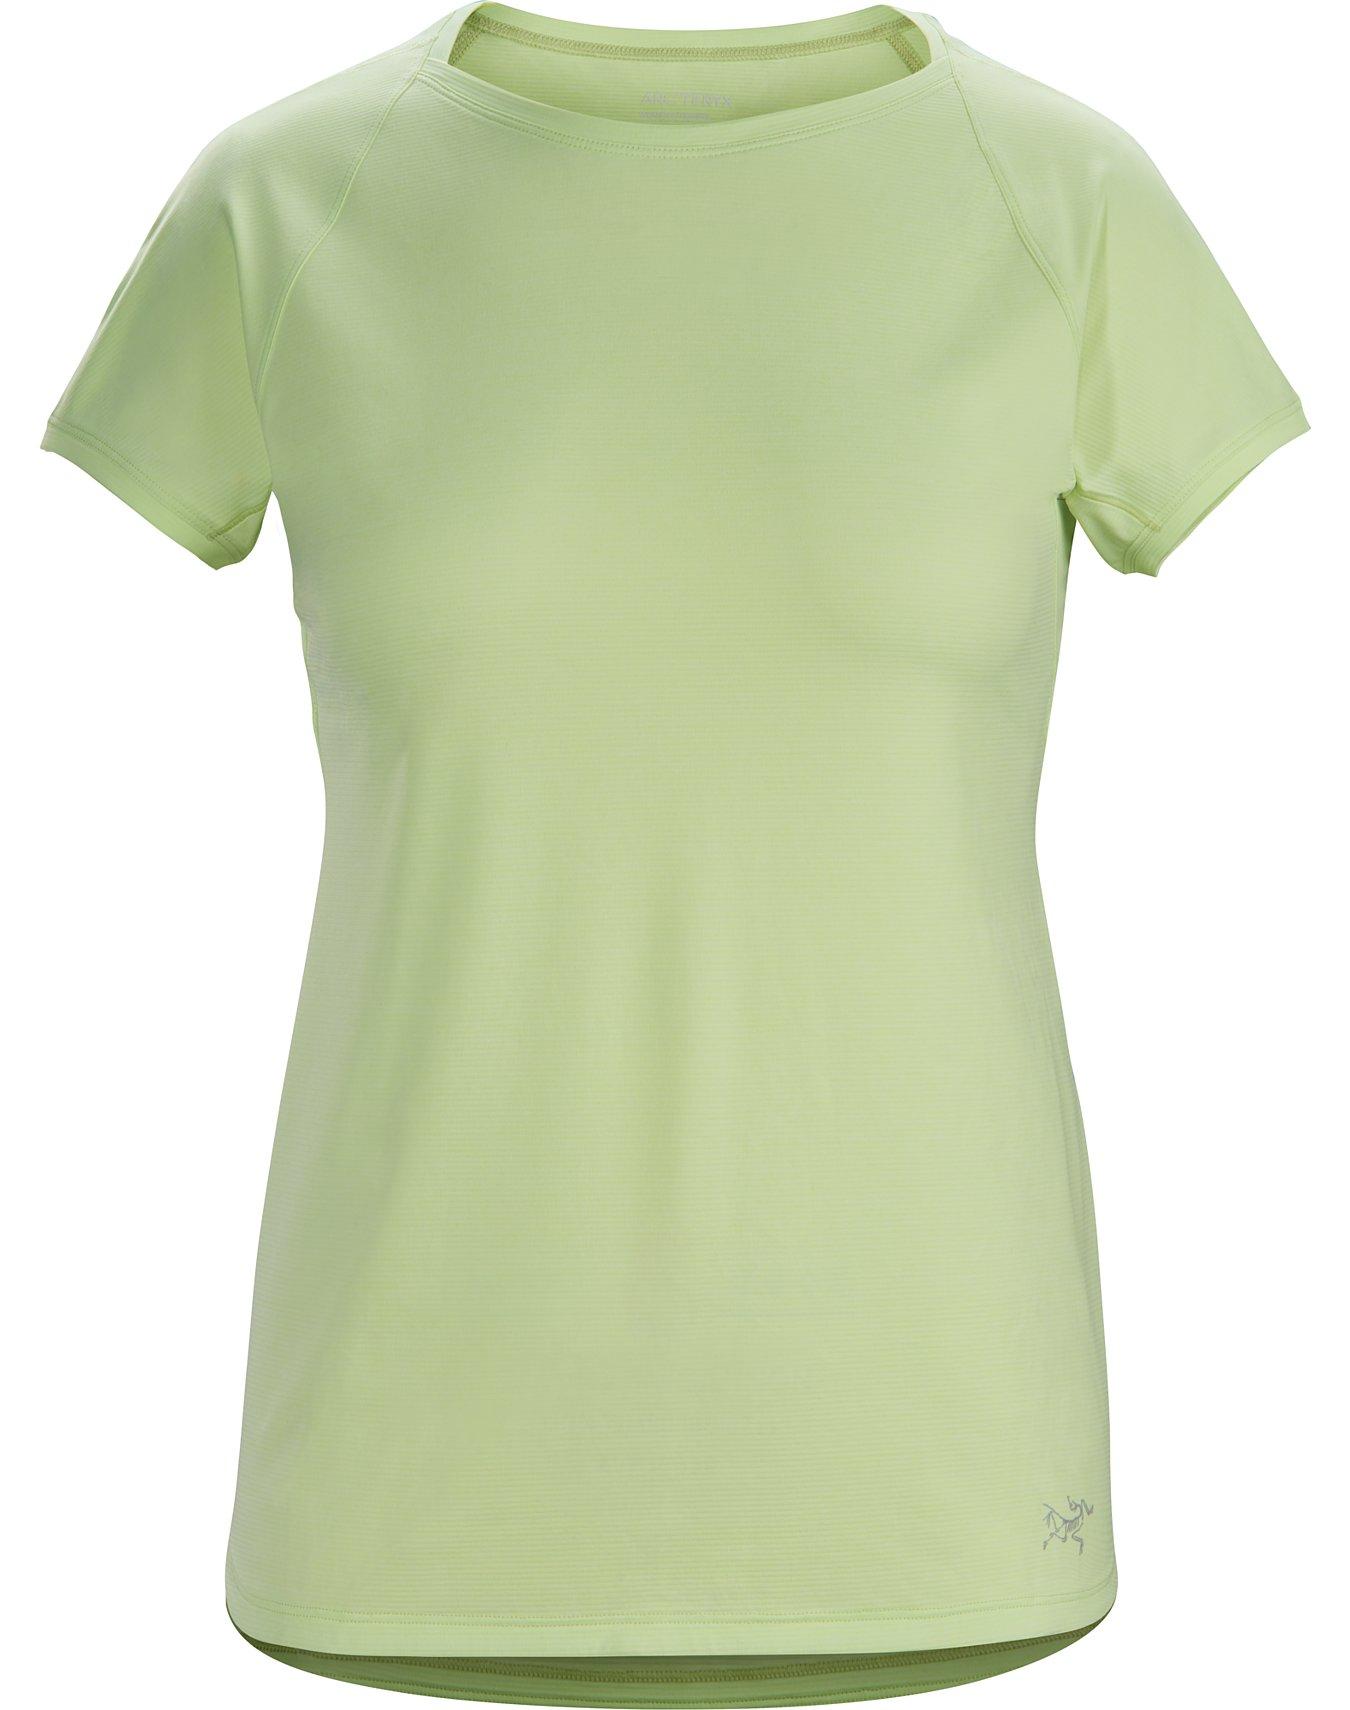 Suchergebnis auf für: funktionsshirt damen kurzarm